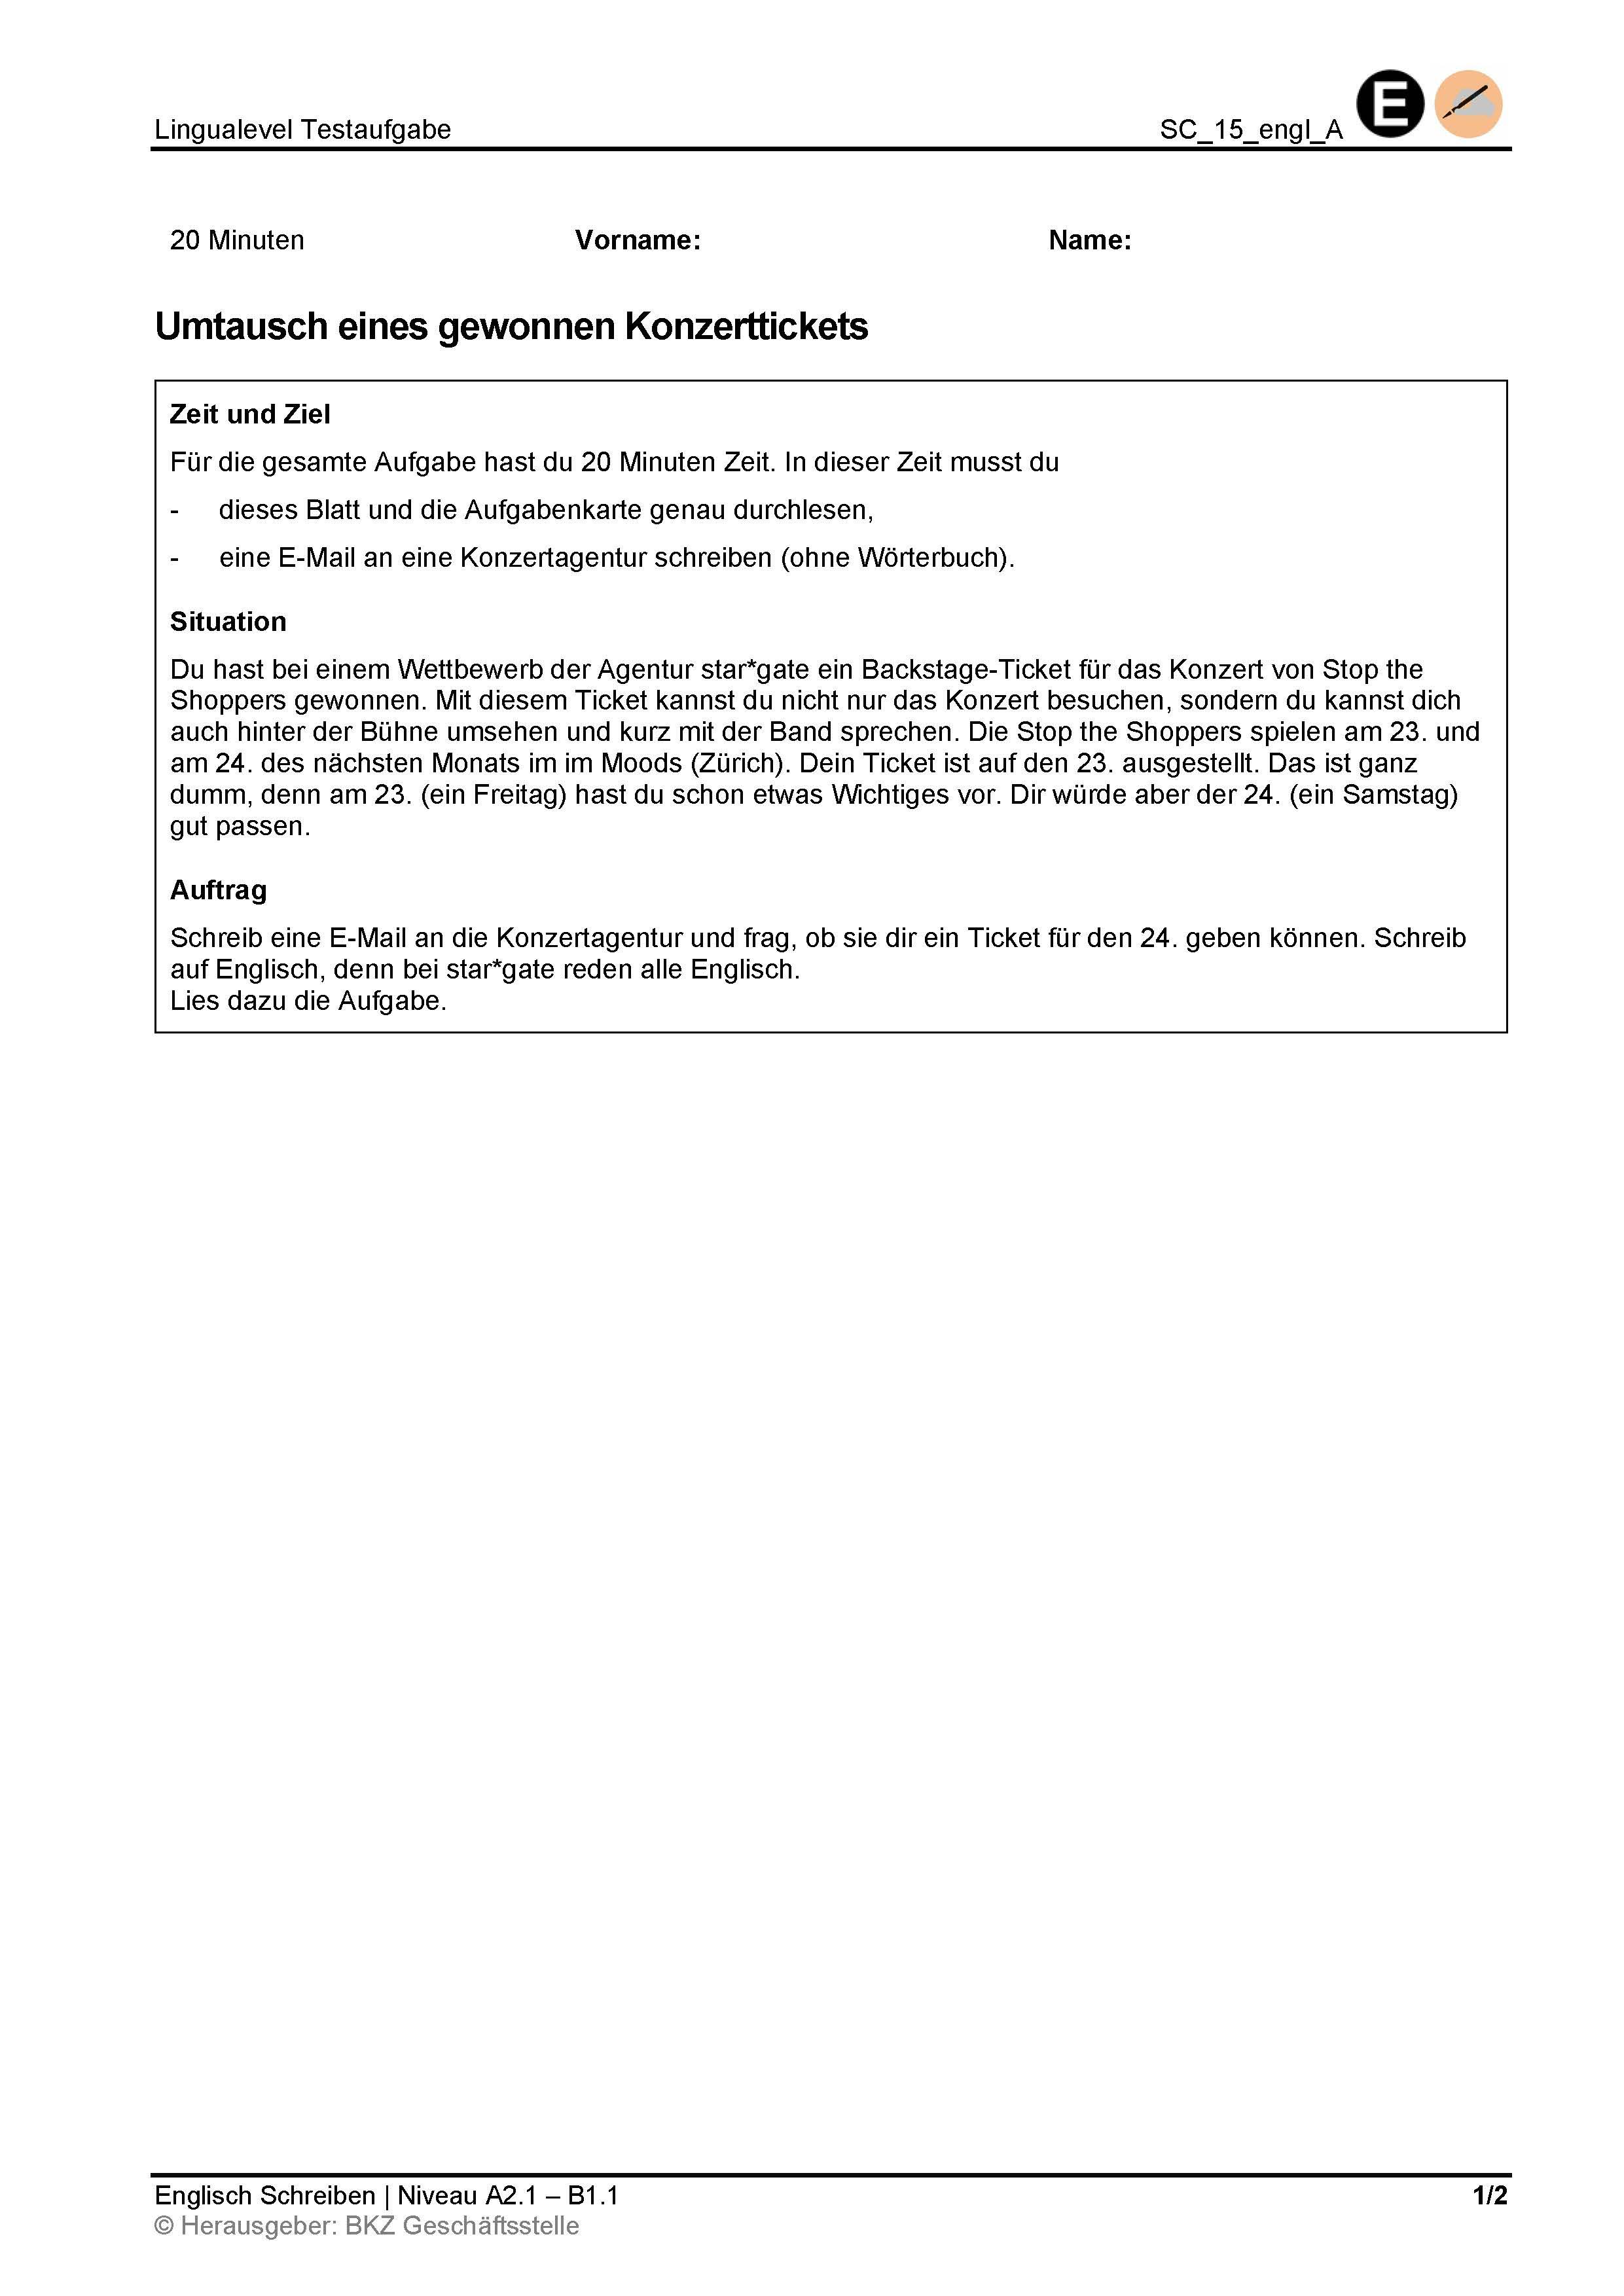 Preview image for LOM object Schreiben: Umtausch eines gewonnen Konzerttickets